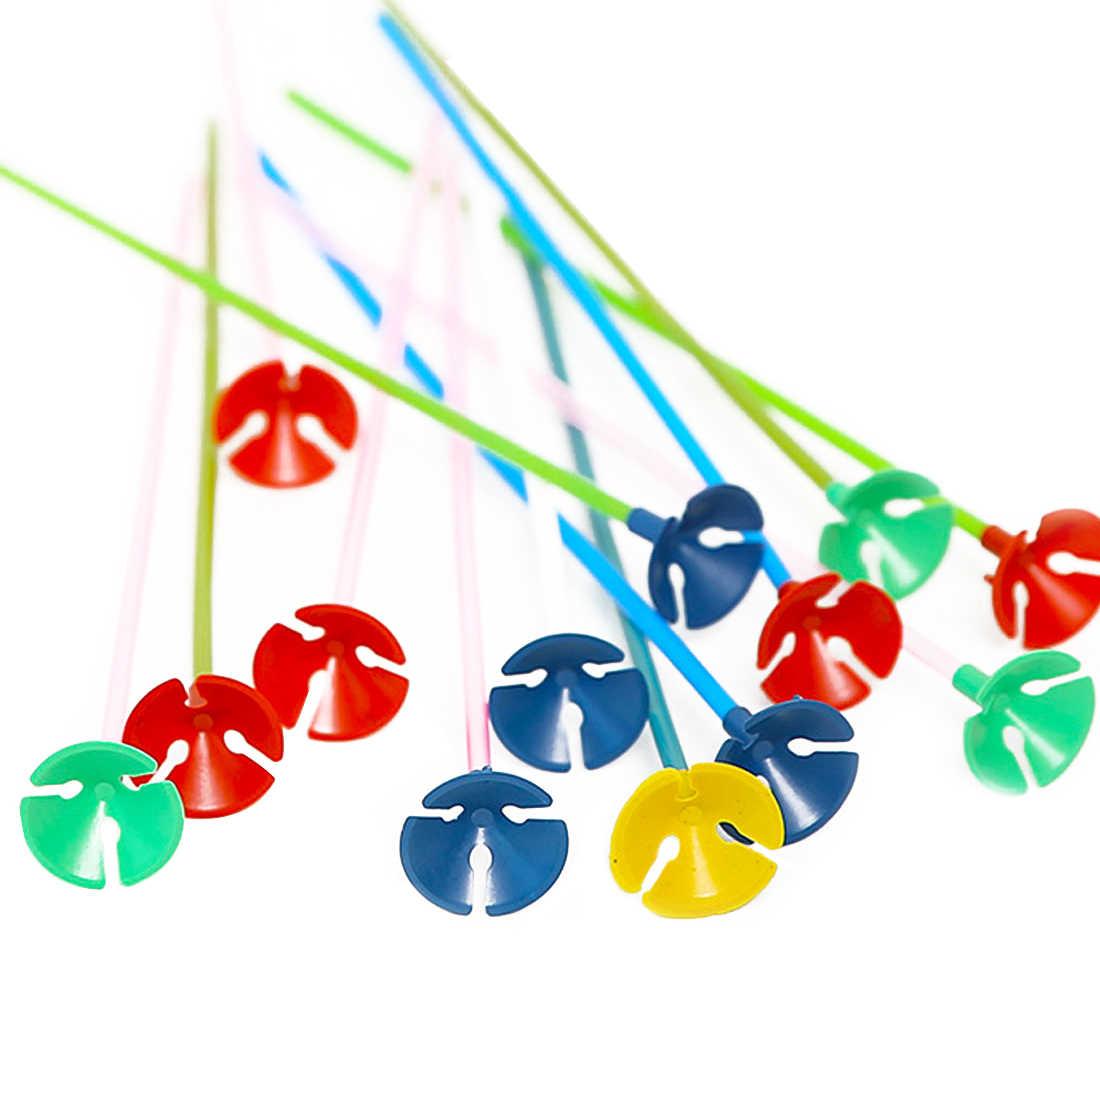 20 ensembles/lot 40cm Latex ballon bâton couleur PVC tiges ballons support bâtons avec tasse fête fournitures accessoires de décoration de fête